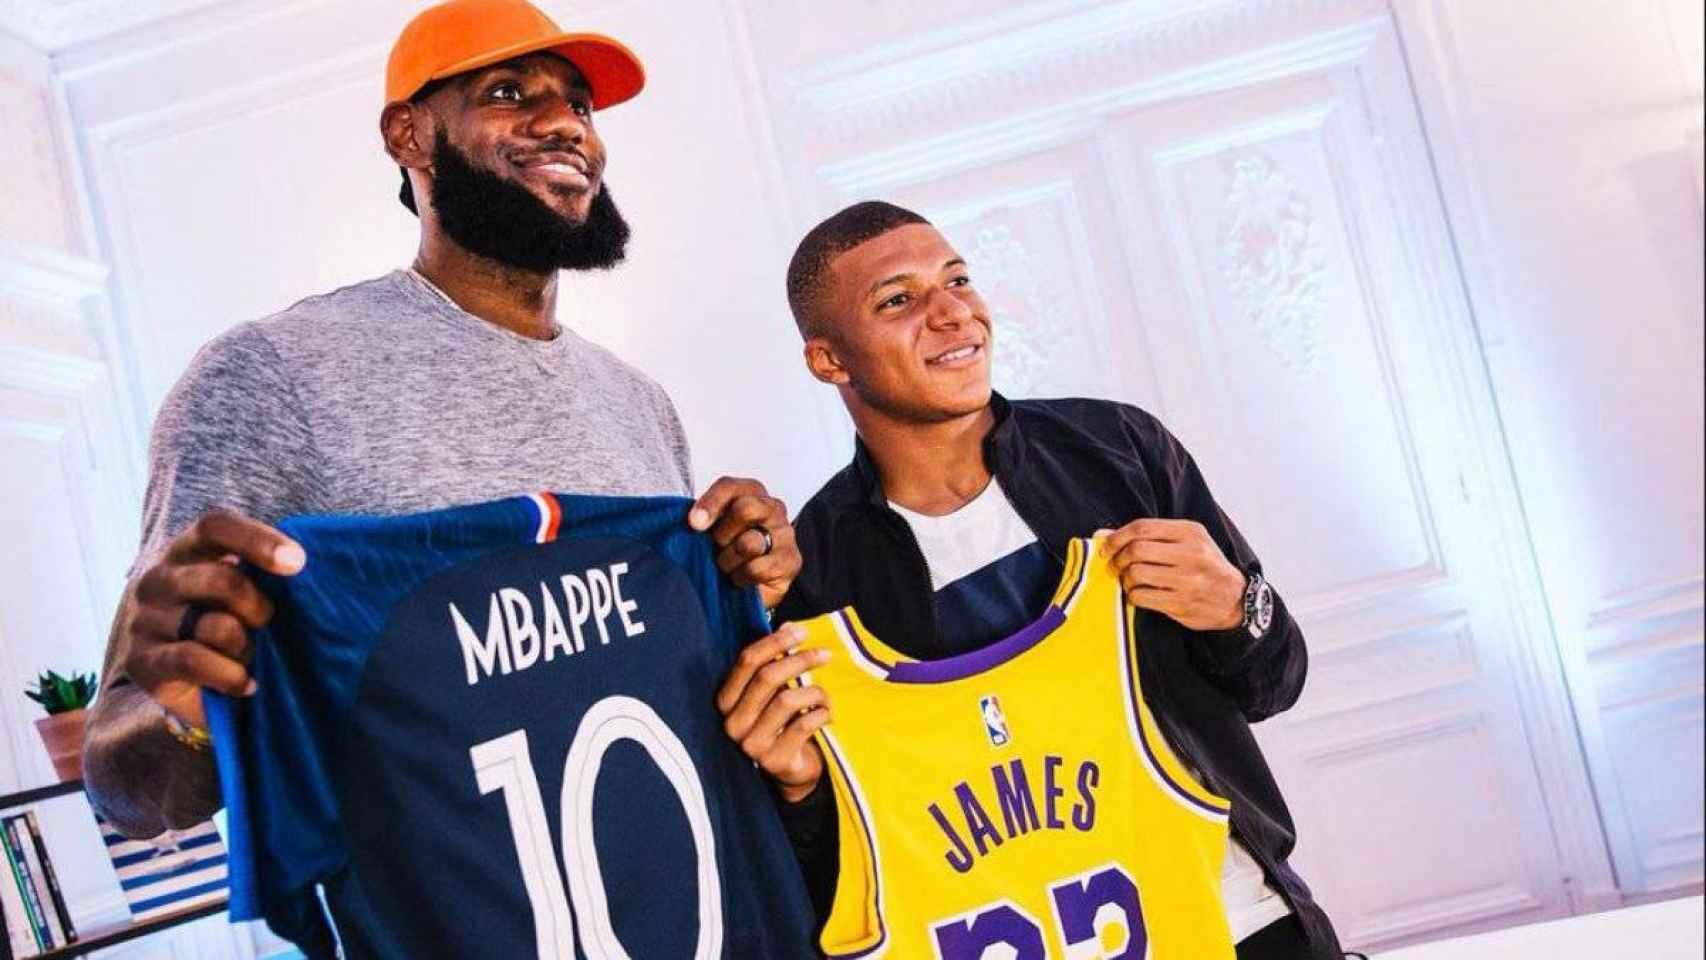 Kylian Mbappé y LeBron James compartiendo camisetas